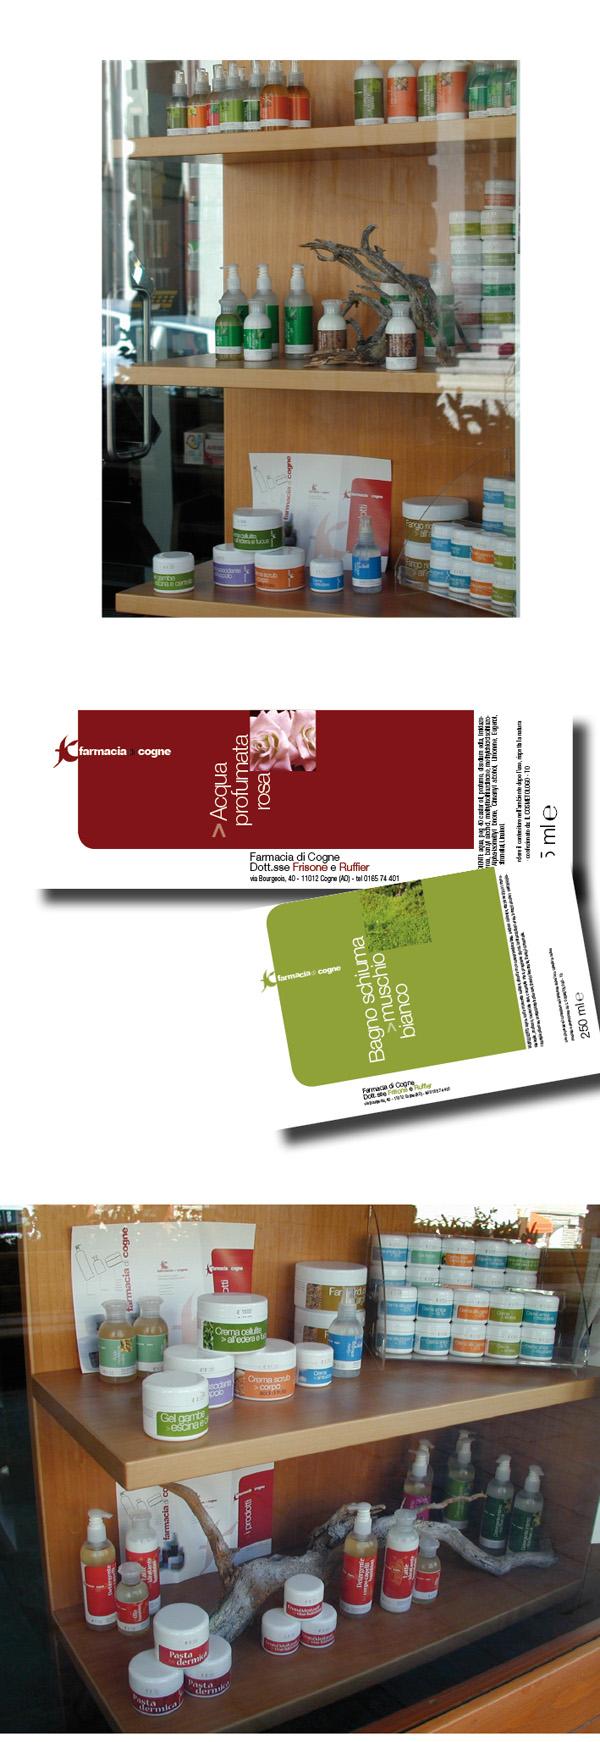 Farmacia di Cogne